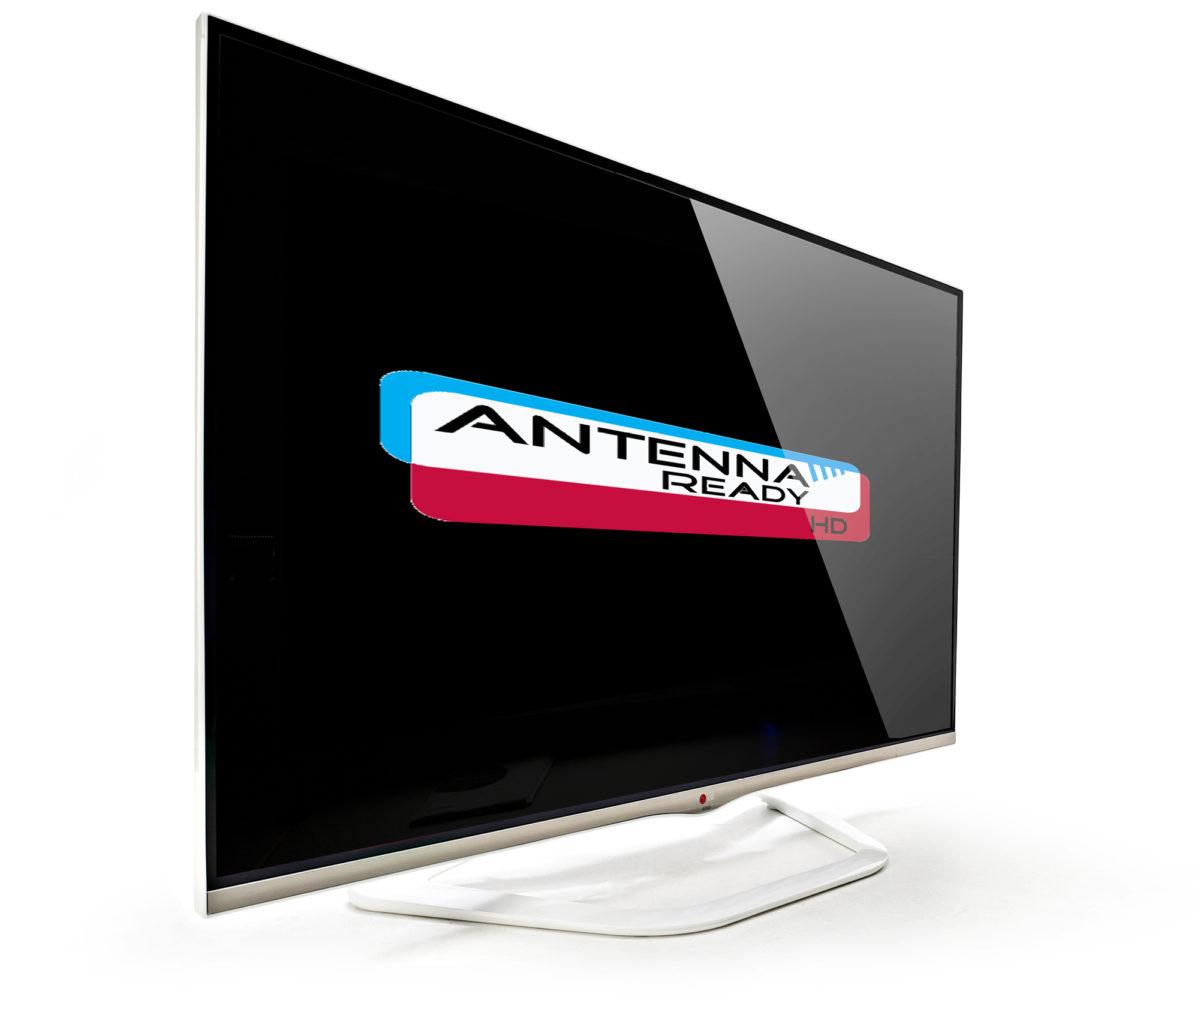 Antenna Ready HD -logo takaa, että televisiolla voi vastaanottaa antenniverkossa välitettäviä maksukanavia myös toukokuun puolenvälin jälkeen.